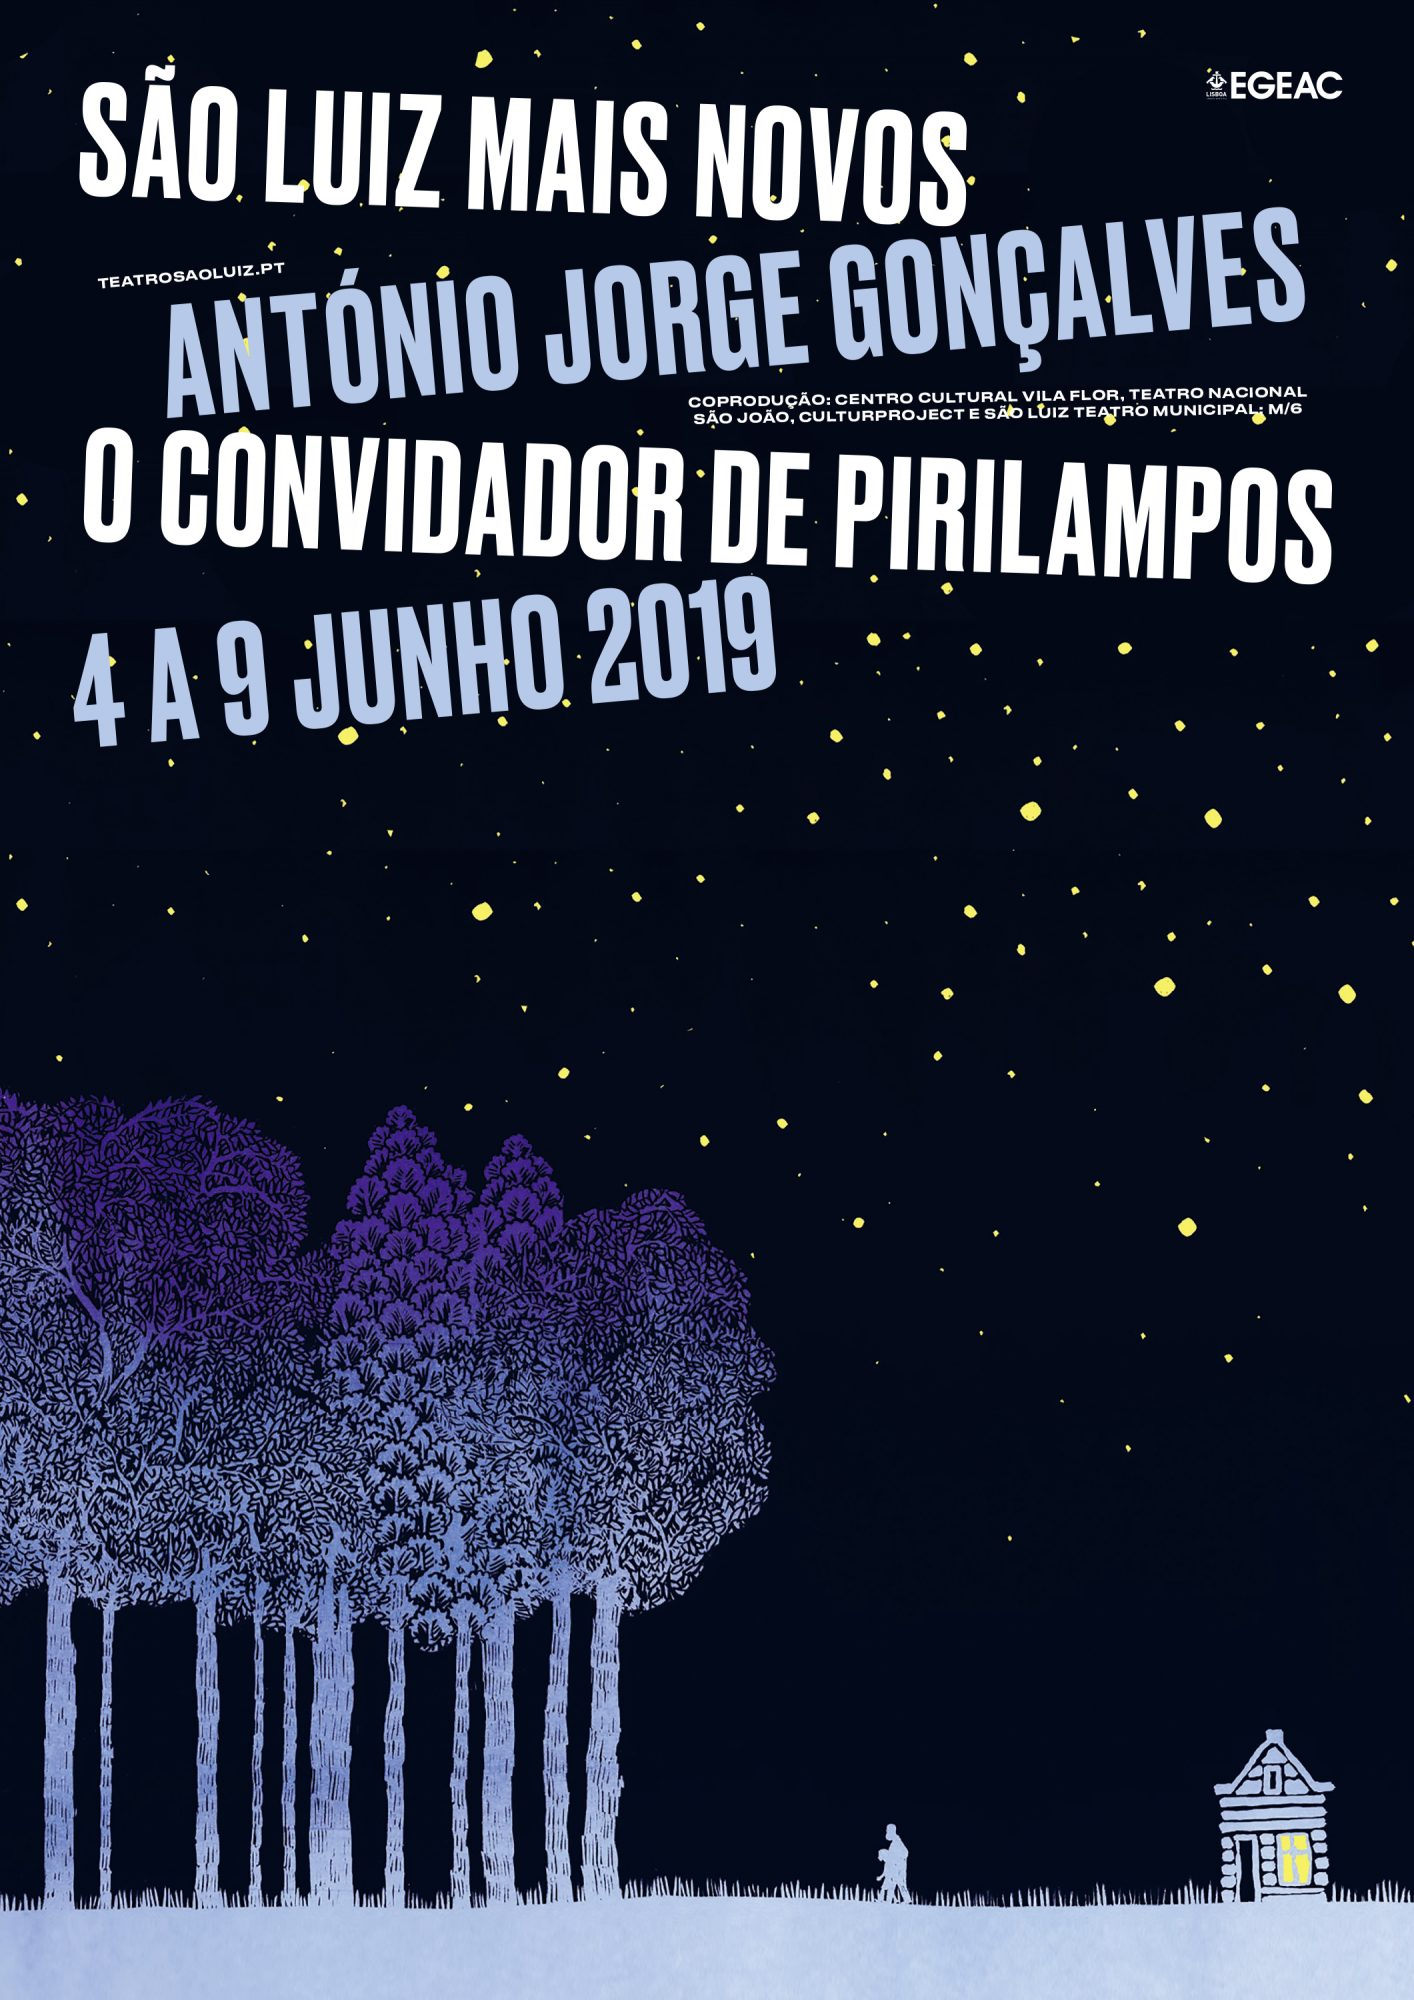 O Convidador de Pirilampos, junho 2019